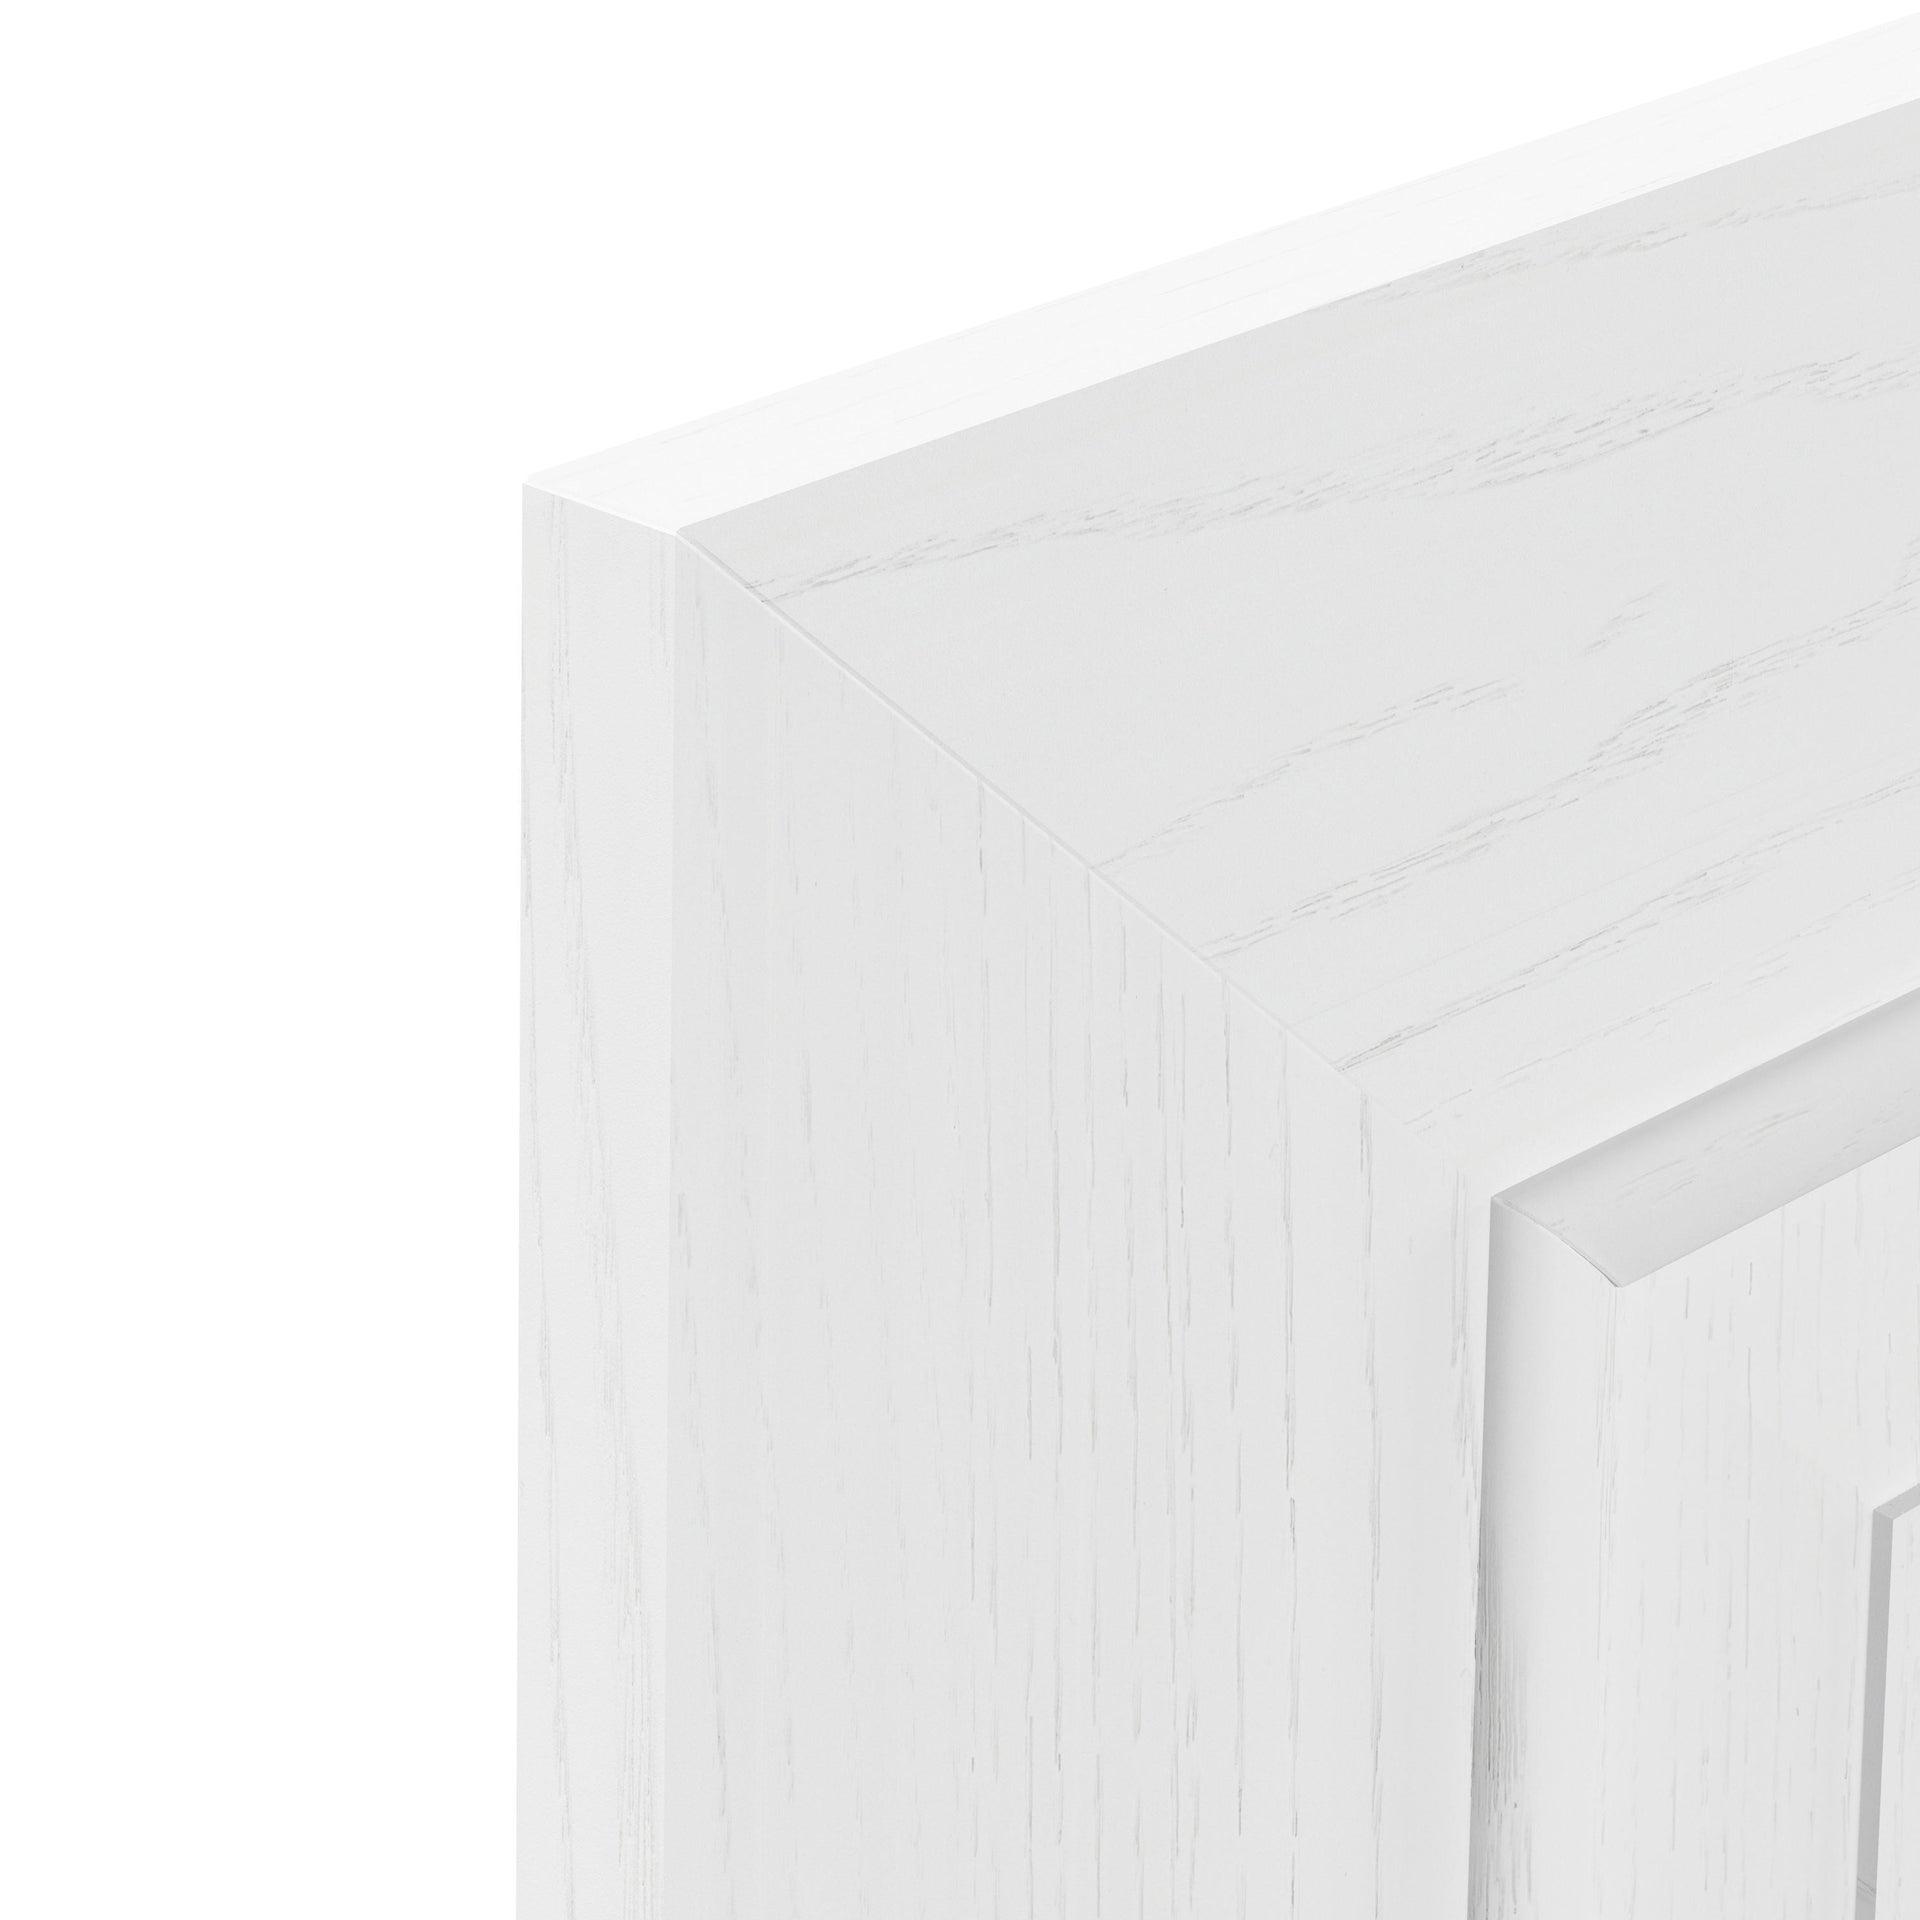 Porta dell'armadio da cucina DELINIA ID Mosca 44.7 x 76.5 rovere grigio chiaro - 2